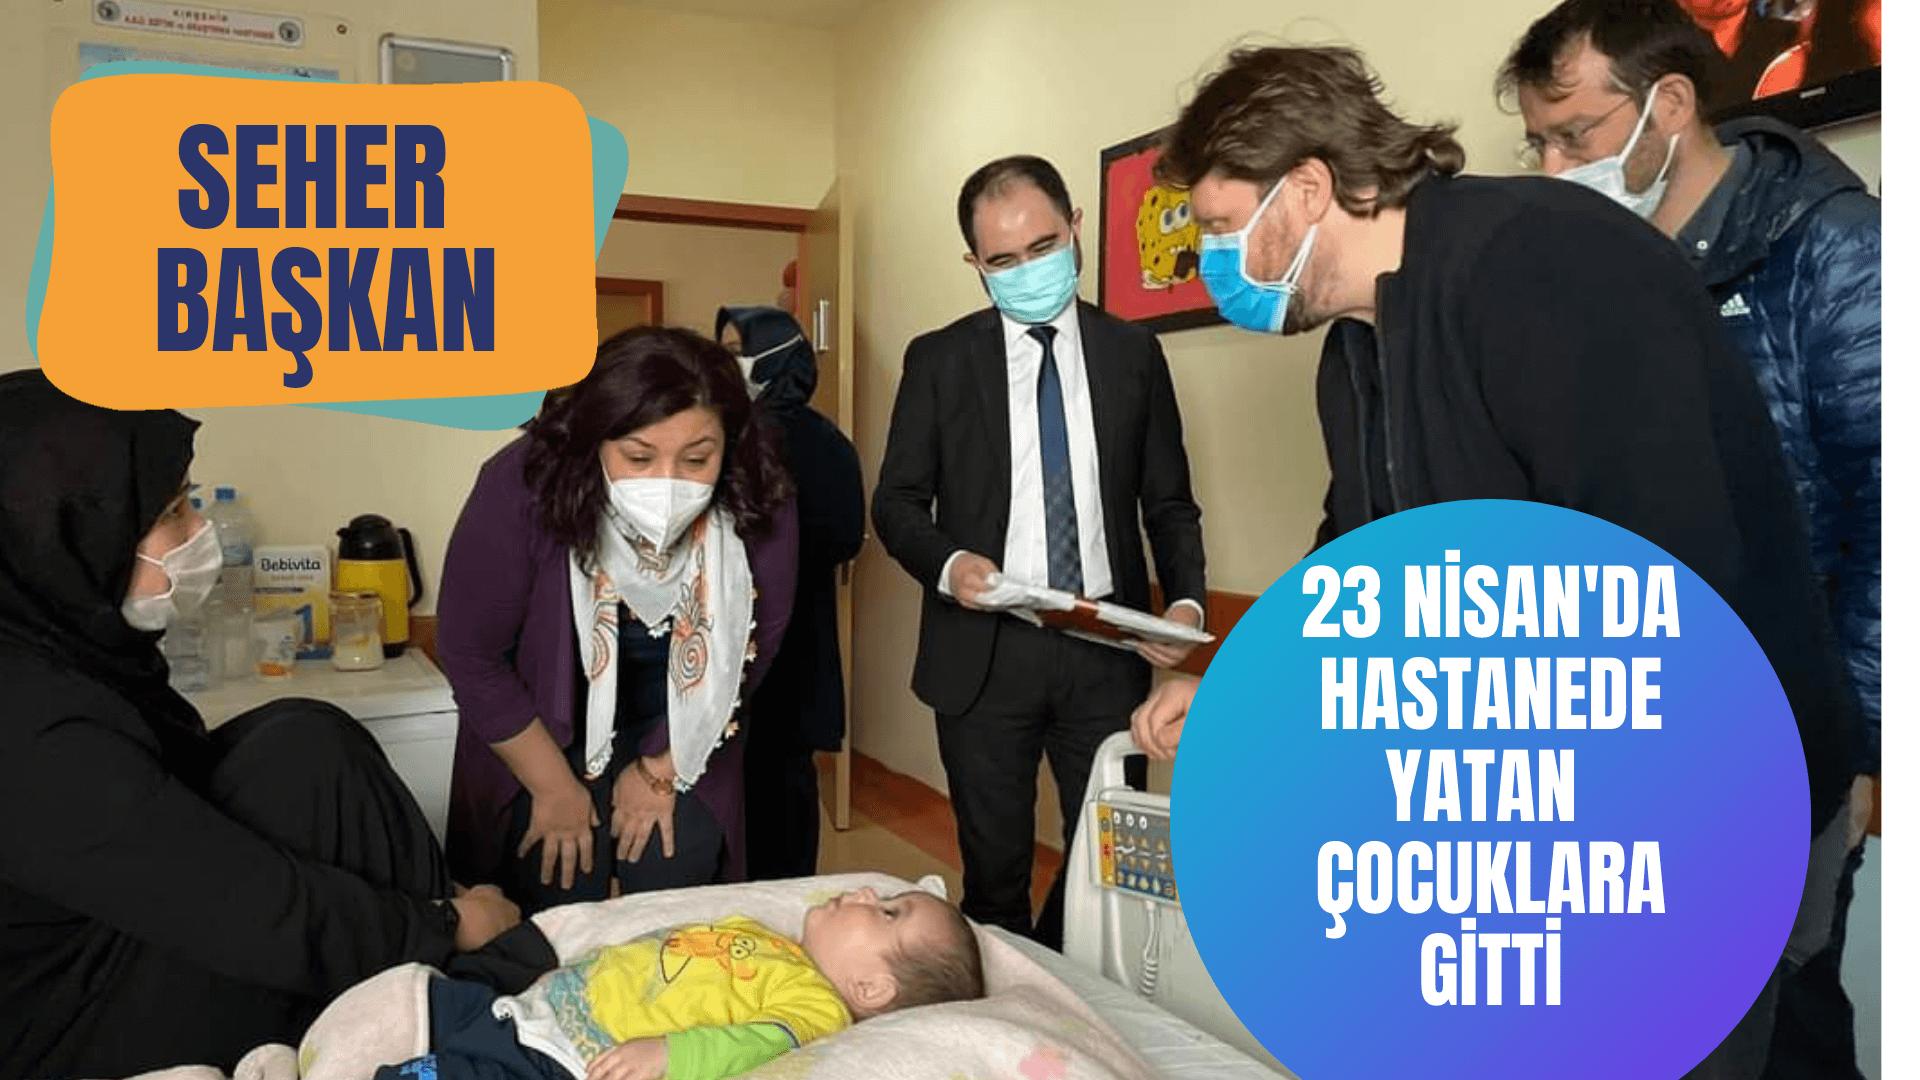 Seher Başkan hastanede yatan çocukları ziyaret etti